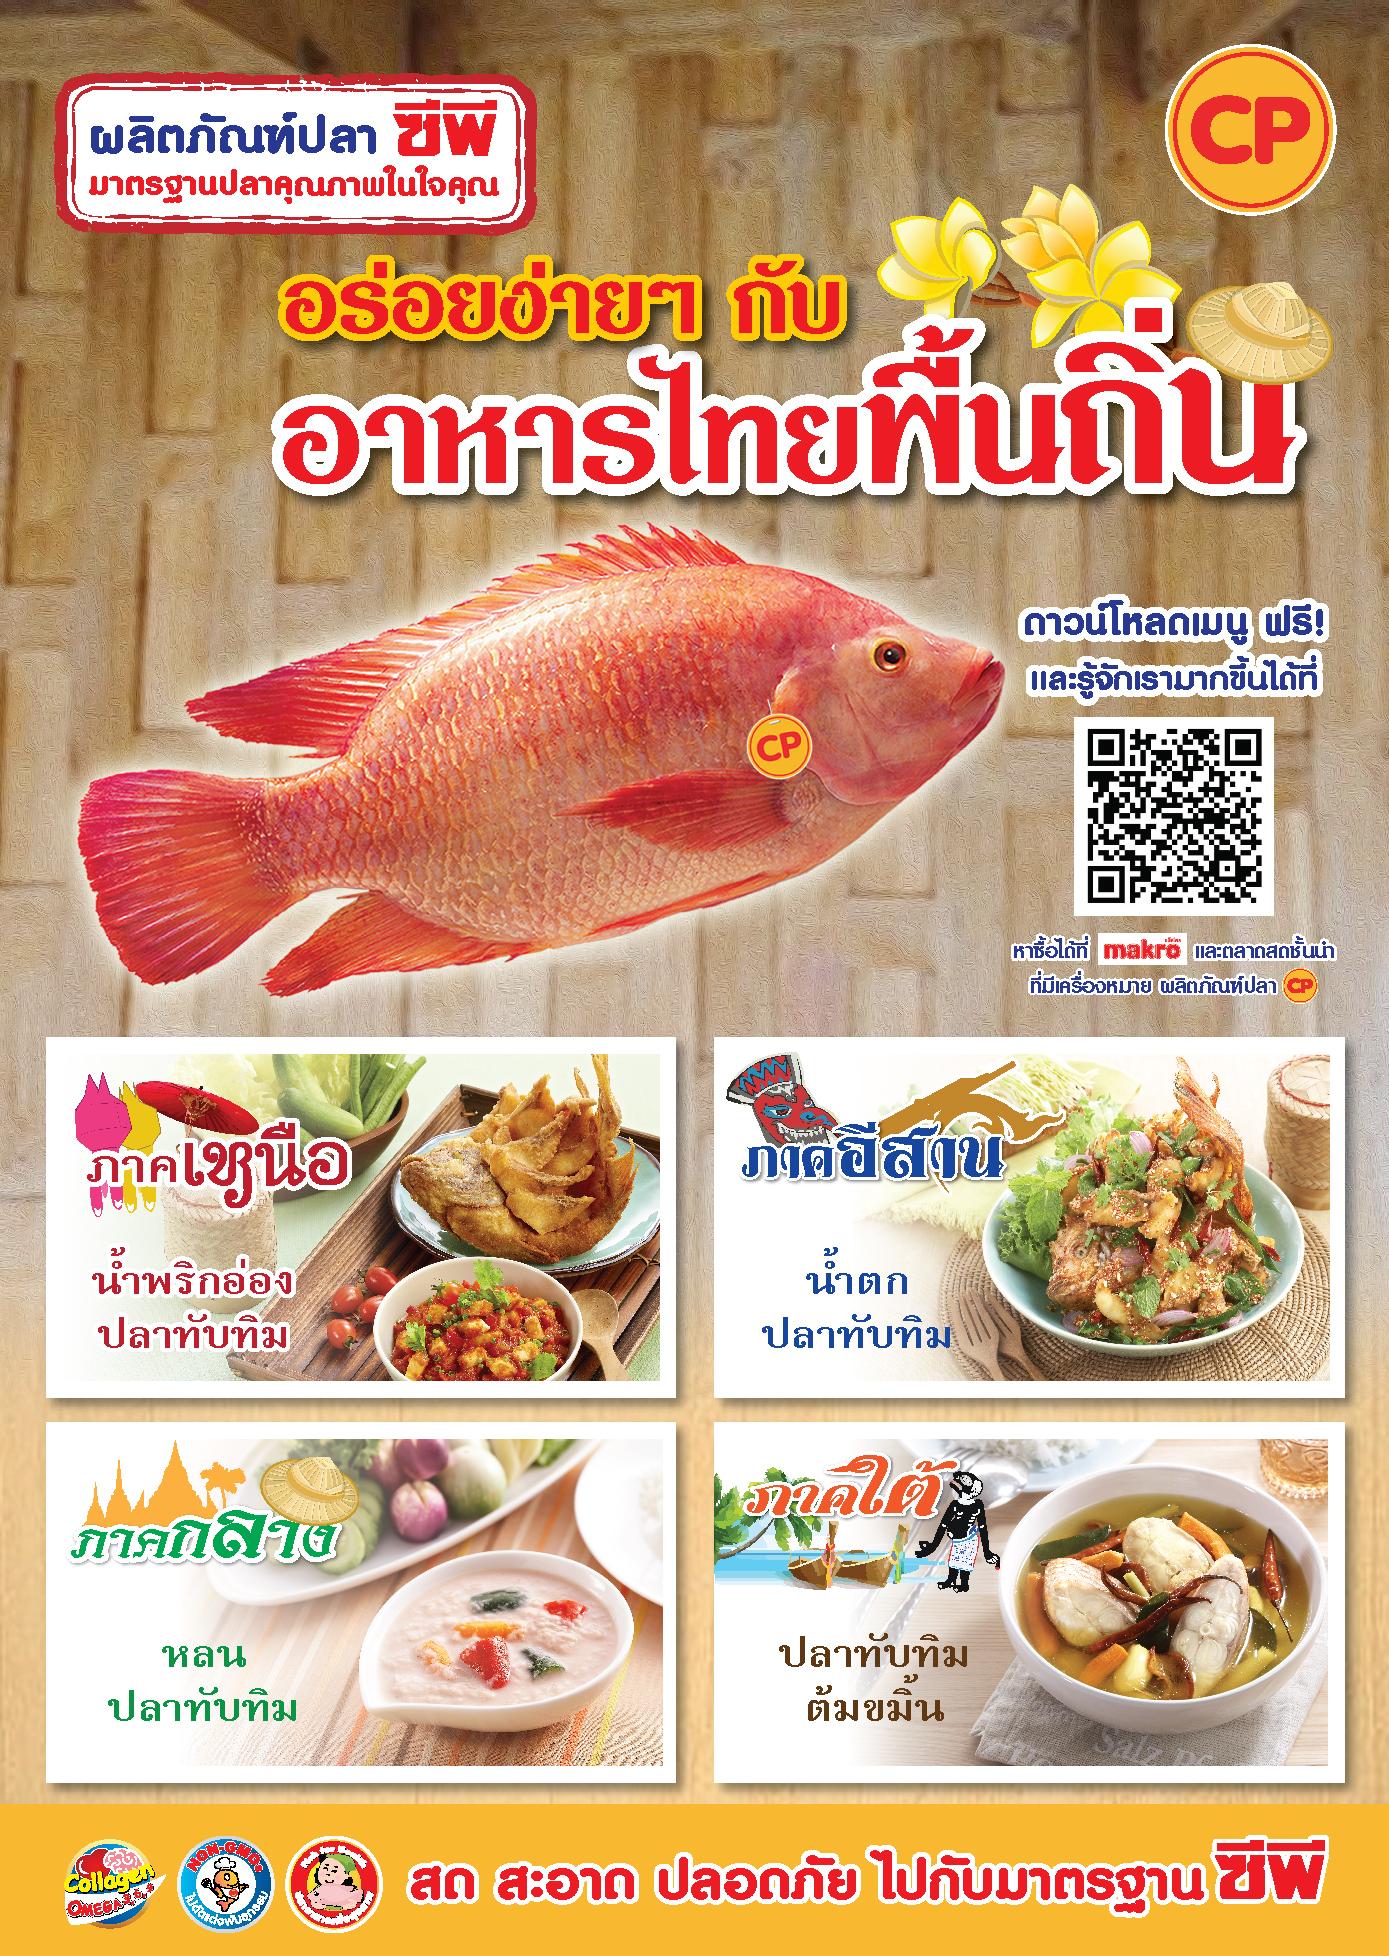 อยู่ภาคไหนก็อร่อยได้กับเมนูจาก ปลาทับทิม ซีพี สำนักพิมพ์แม่บ้าน